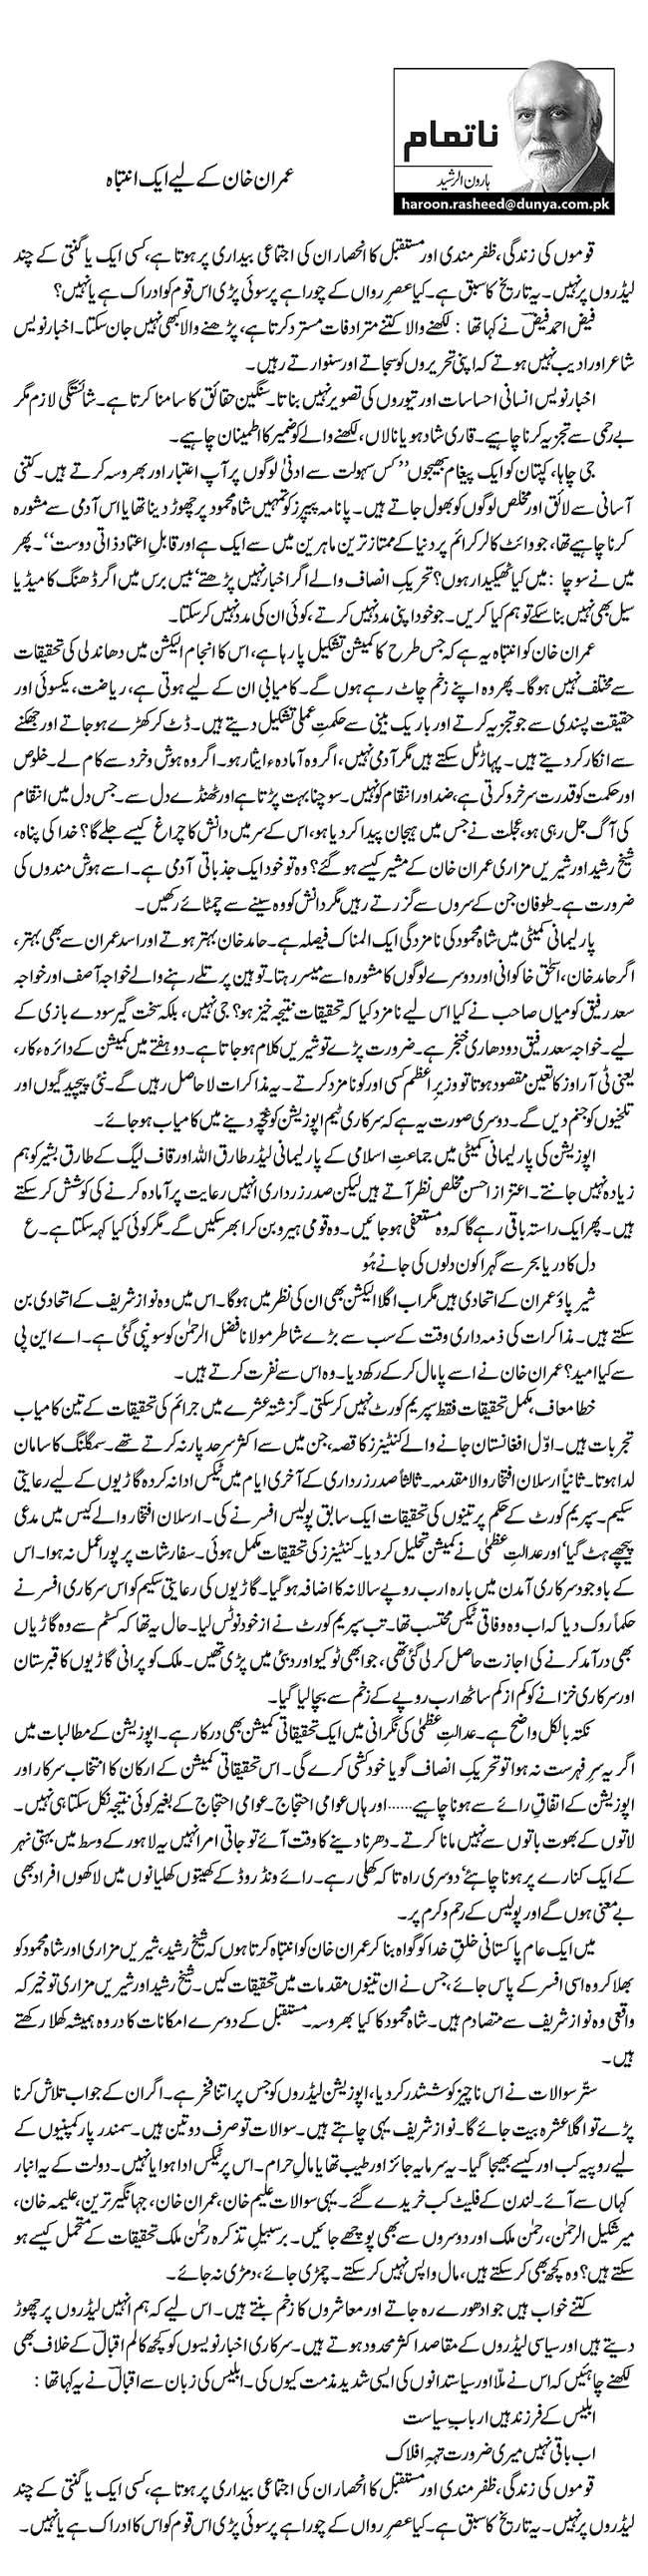 عمران خان کے لیے ایک انتباہ